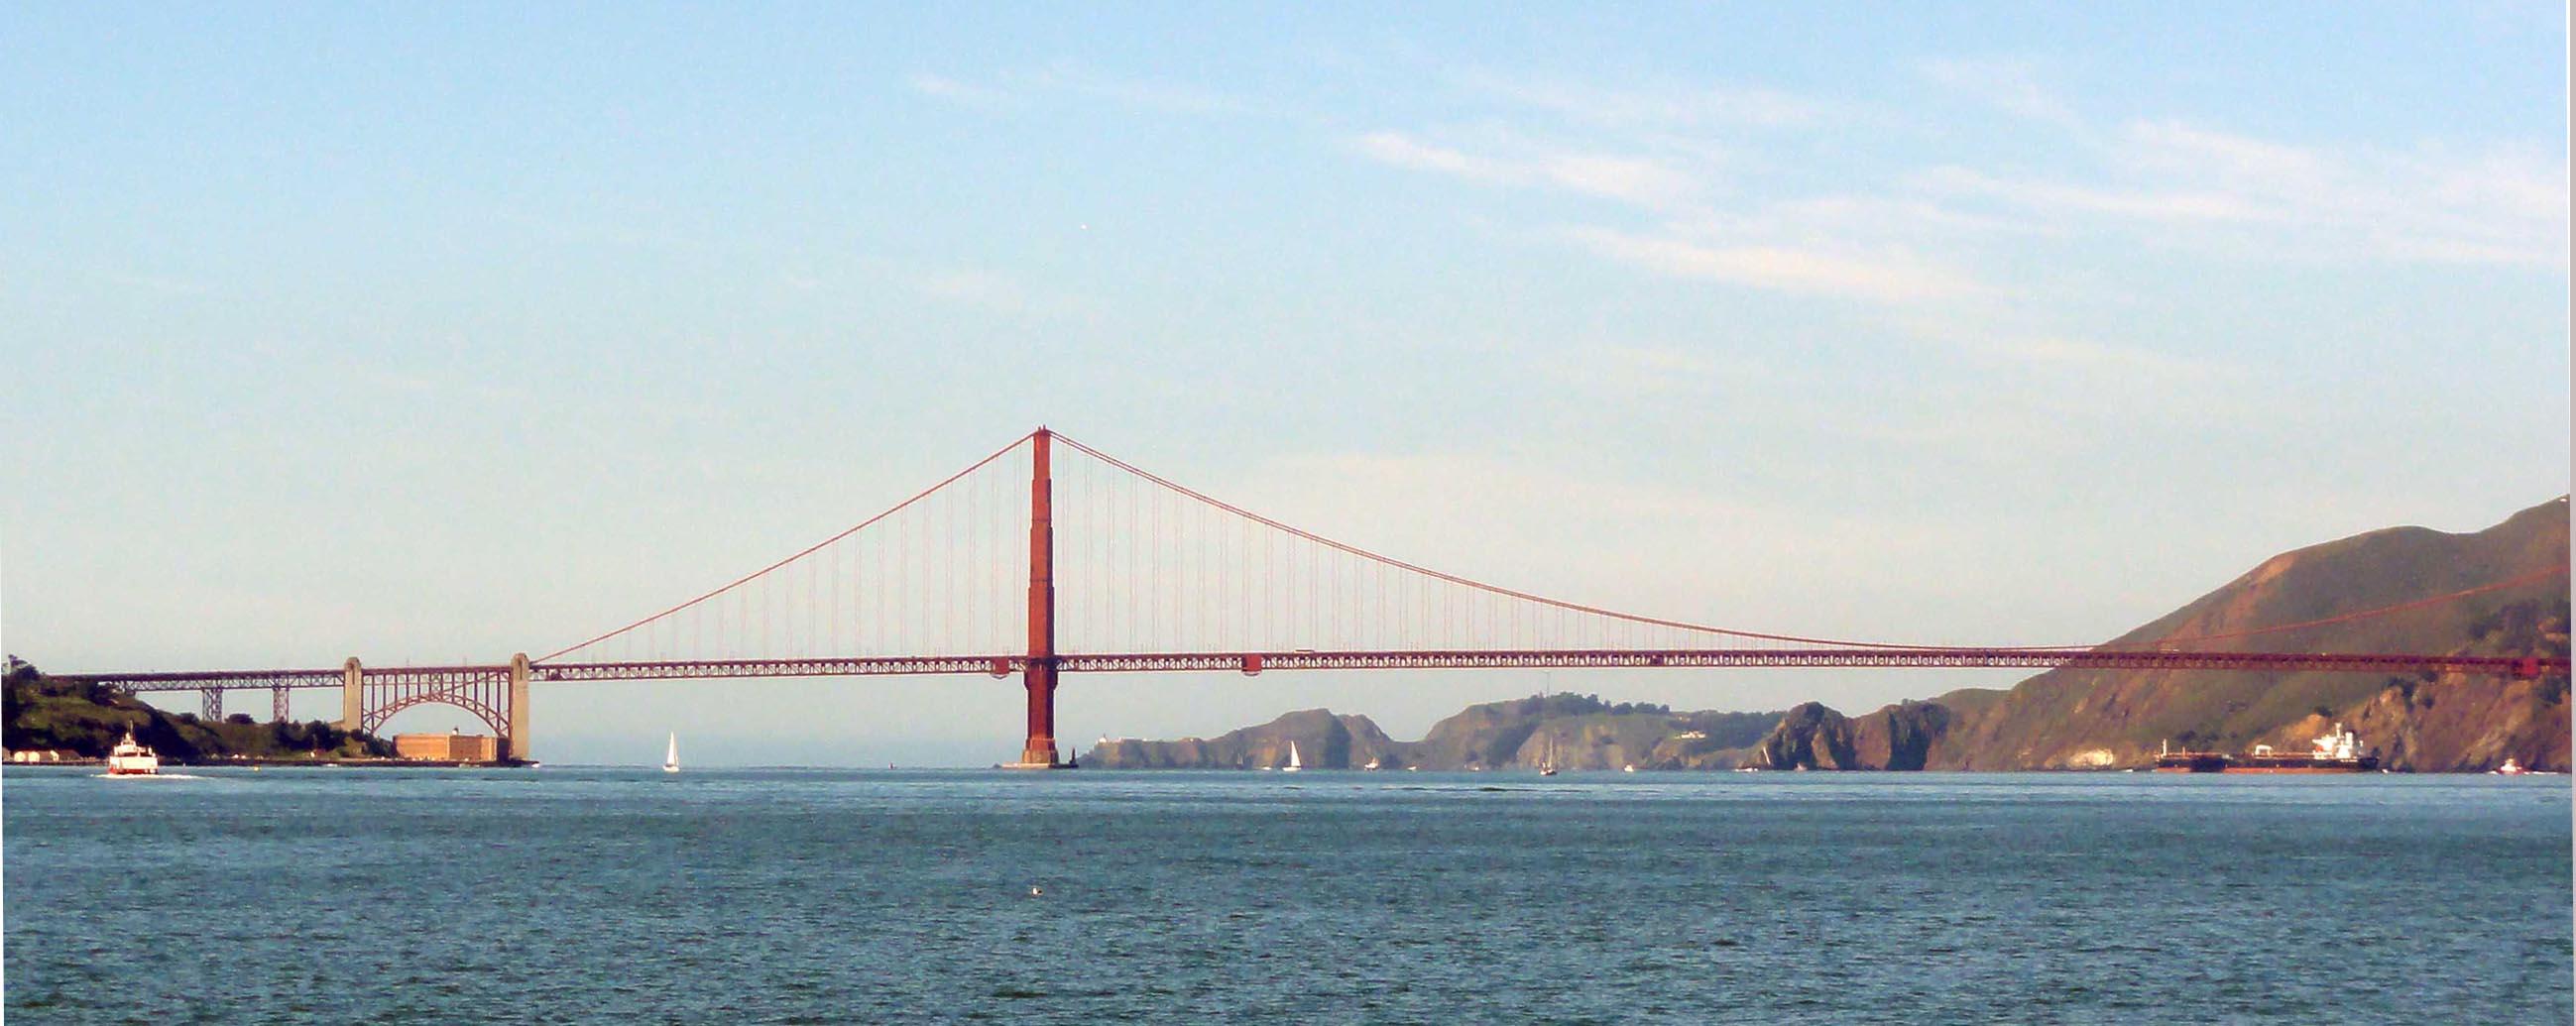 Golden Gate Bridge, pont suspendu en acier, inauguré en 1937 après quatre ans de travaux